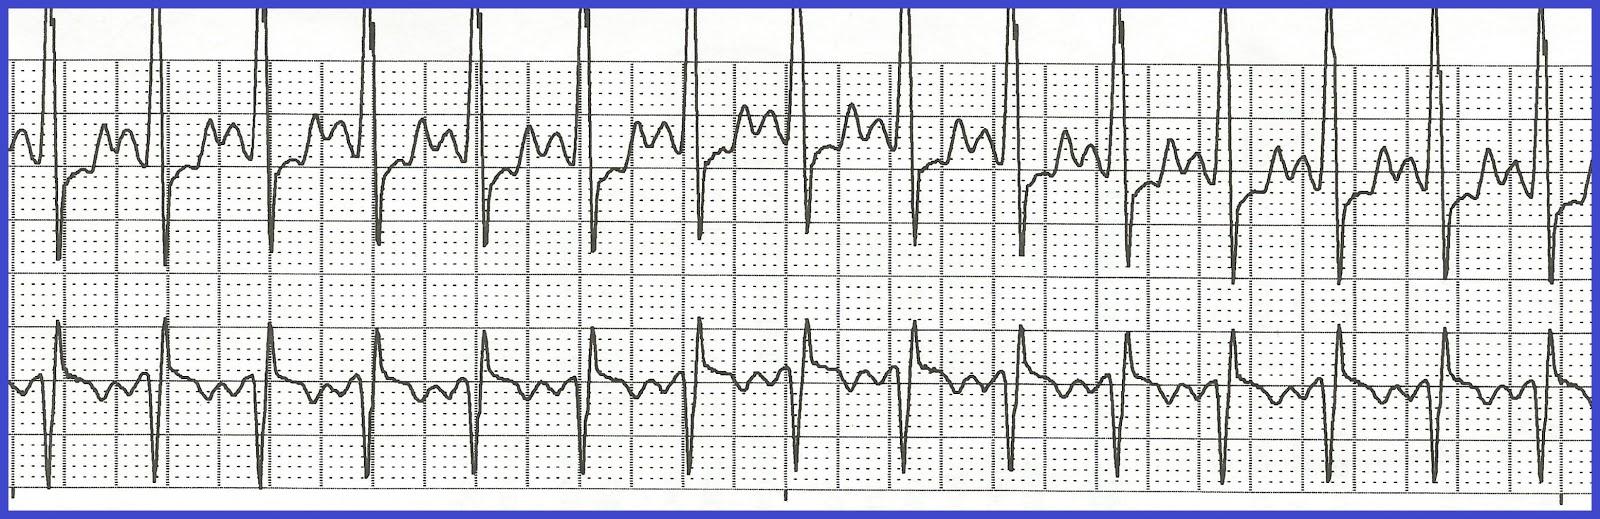 Multifocal Atrial Tachycardia Multifocal atrial tachycardiaParoxysmal Atrial Tachycardia Vs Sinus Tachycardia